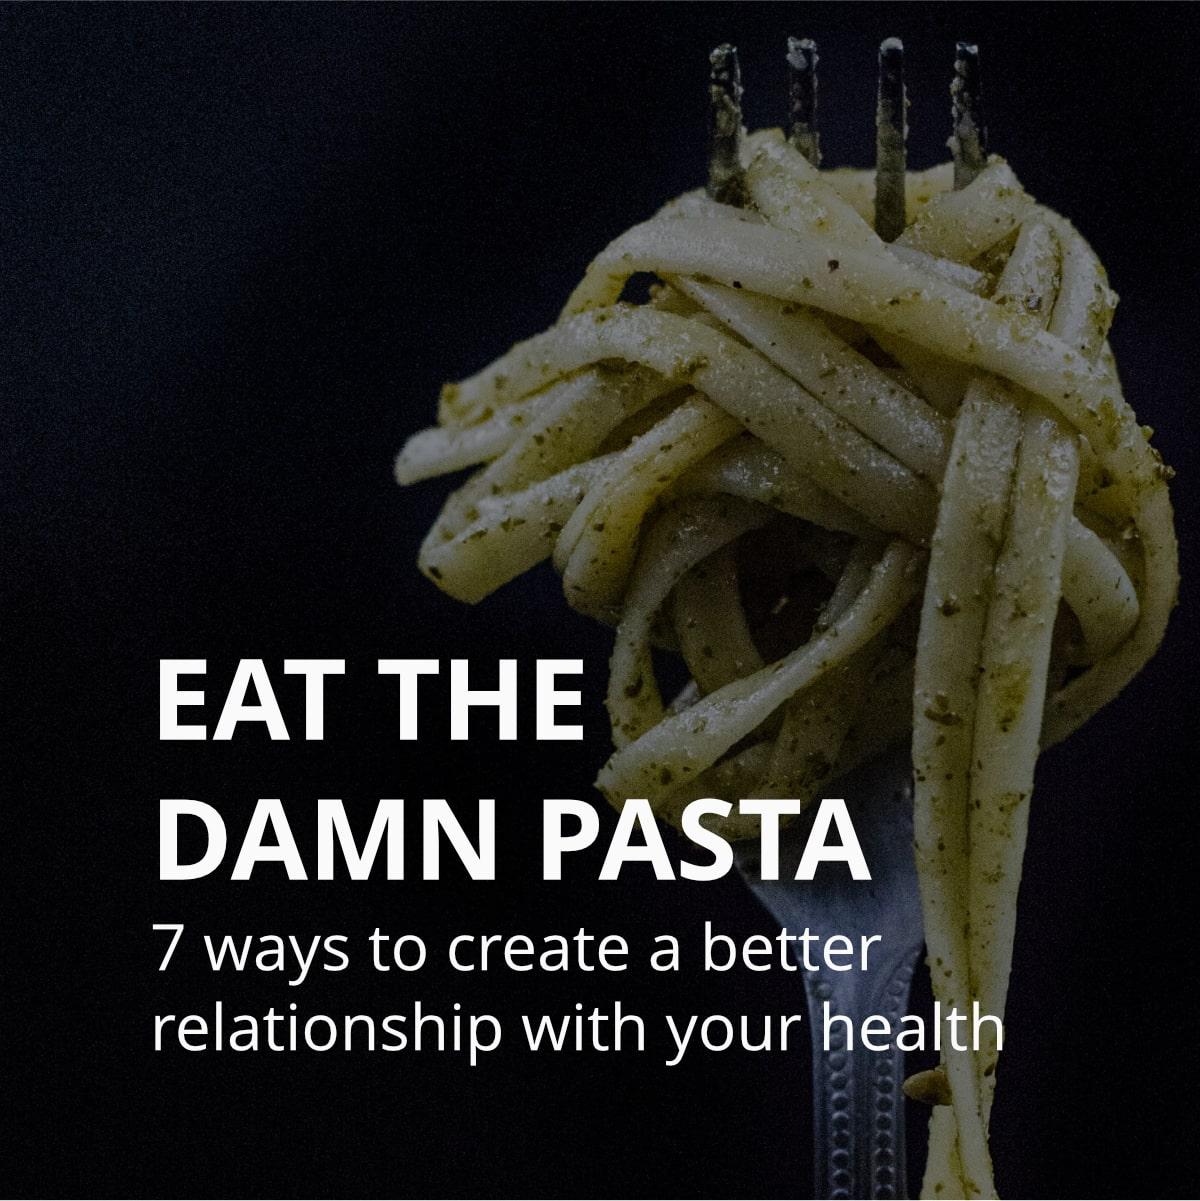 Eat the Damn Pasta